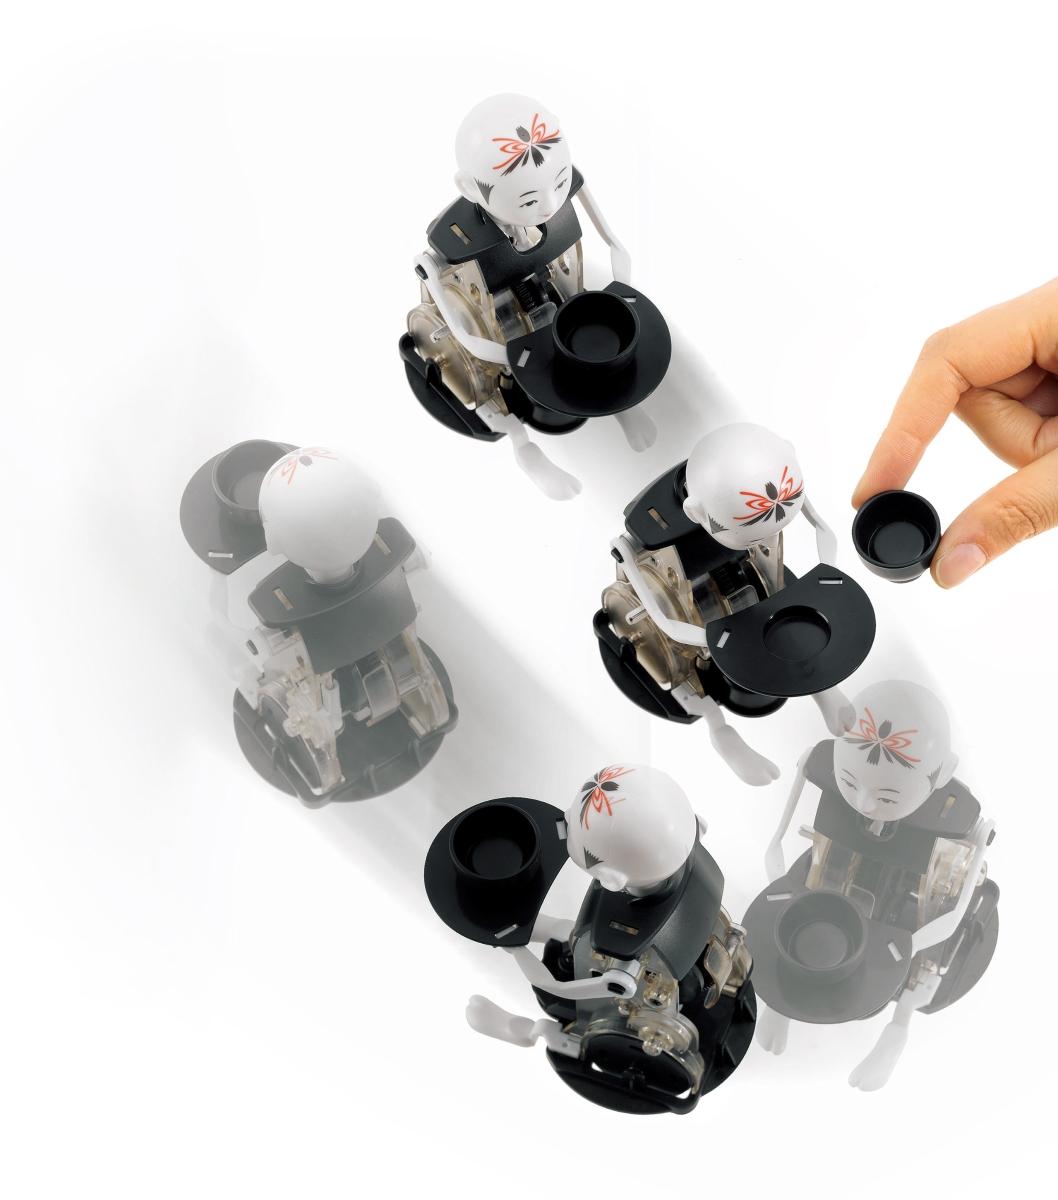 からくりロボット ミニ茶運び人形